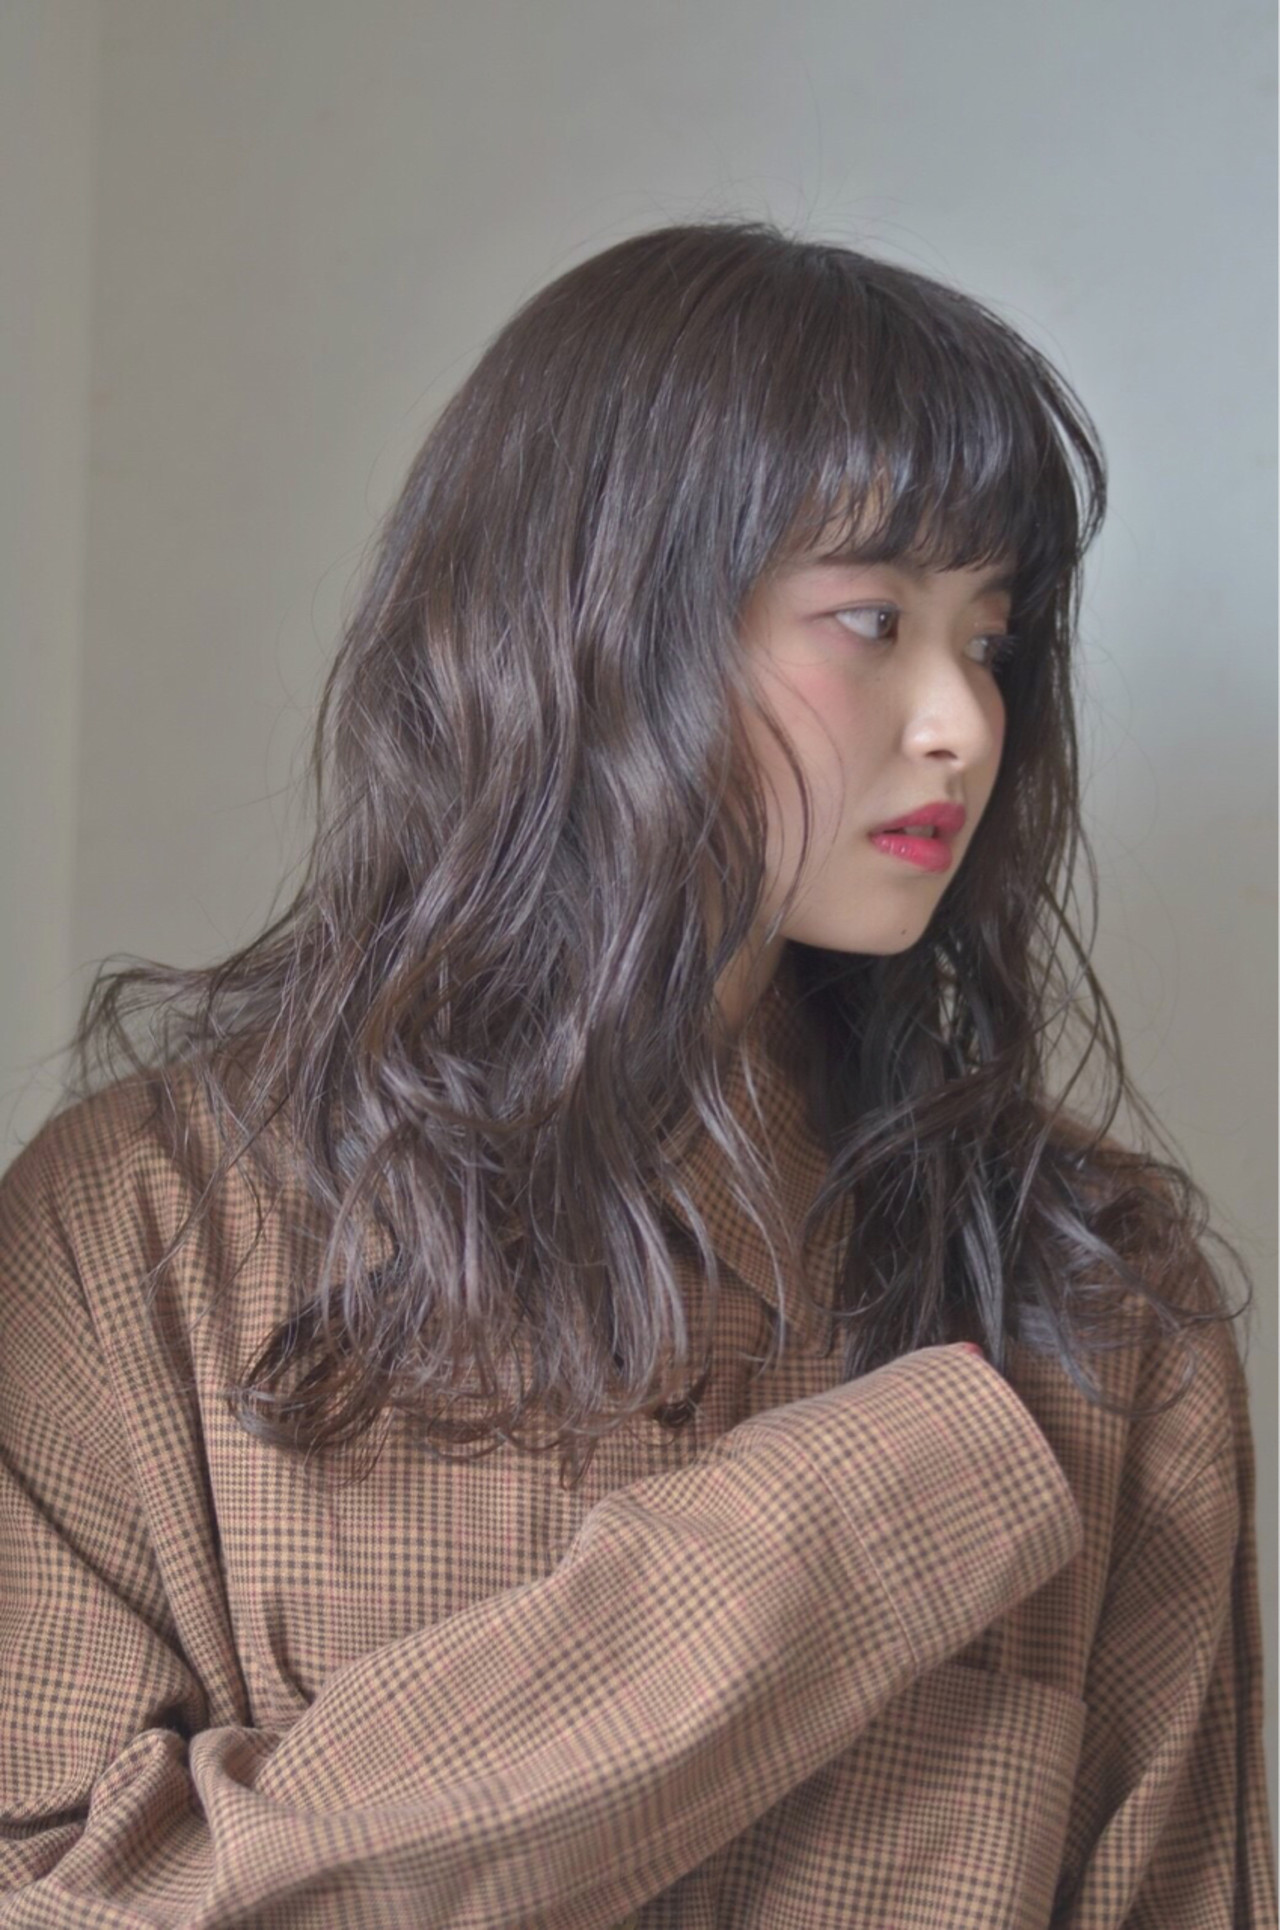 前髪あり ロング ナチュラル 春 ヘアスタイルや髪型の写真・画像 | Reina /